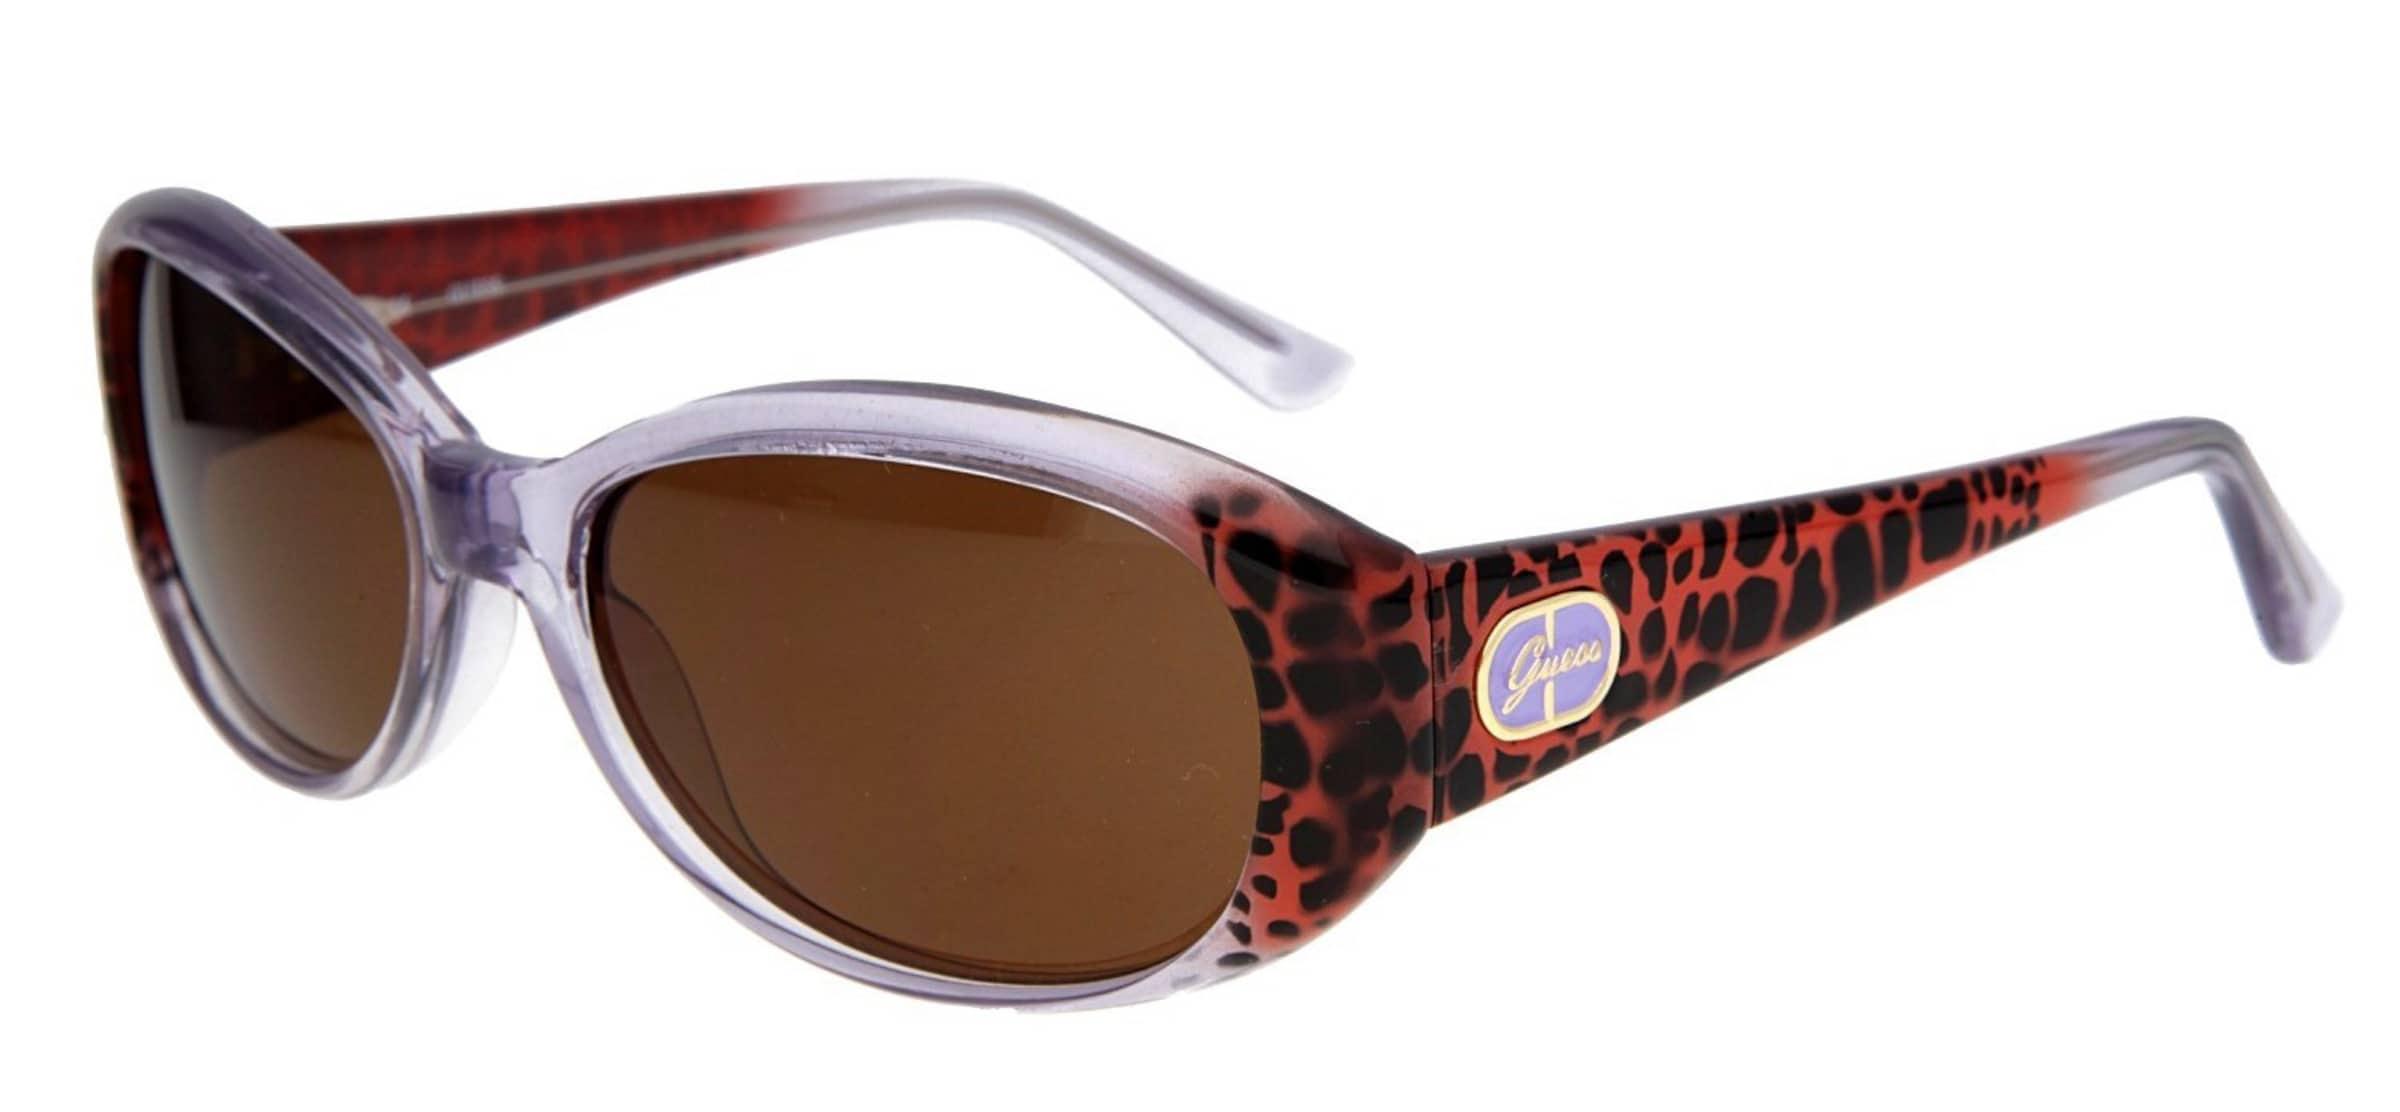 Freies Verschiffen Ebay Freies Verschiffen Günstig Online GUESS Sonnenbrille Freies Verschiffen Neuestes Freies Verschiffen Hohe Qualität DpAzGm